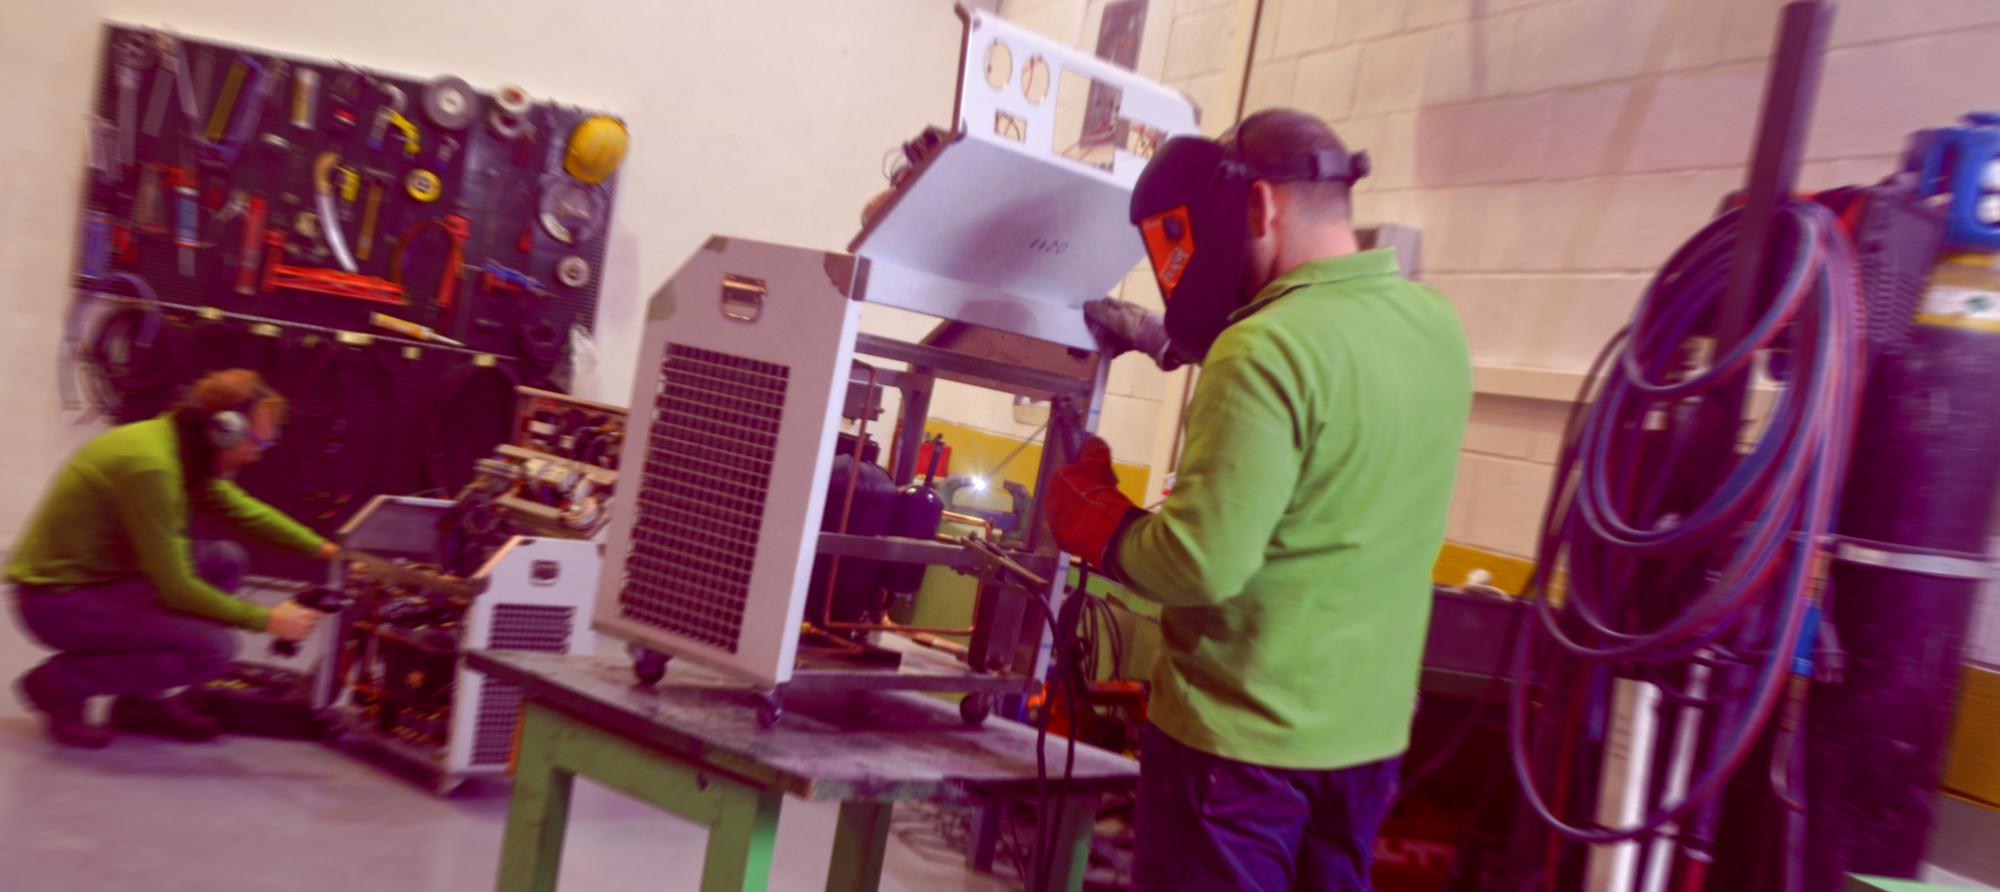 refriapp-fabrica